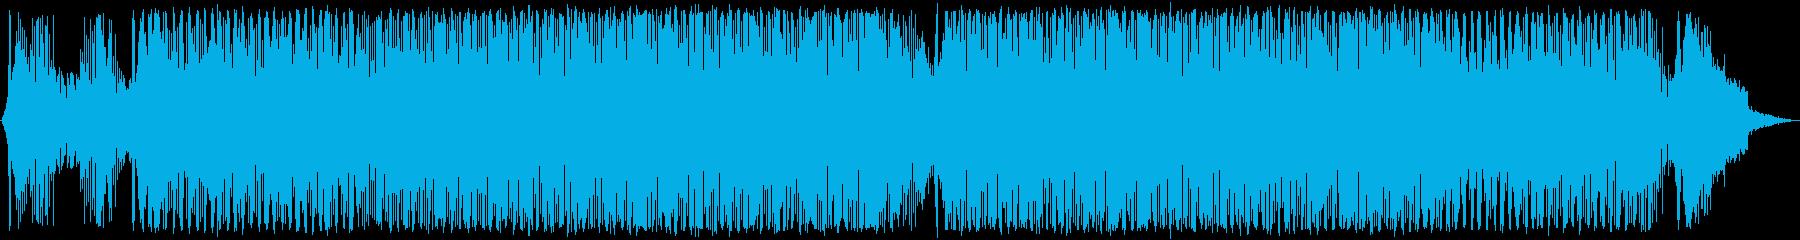 エレクトロニック アクション ハイ...の再生済みの波形